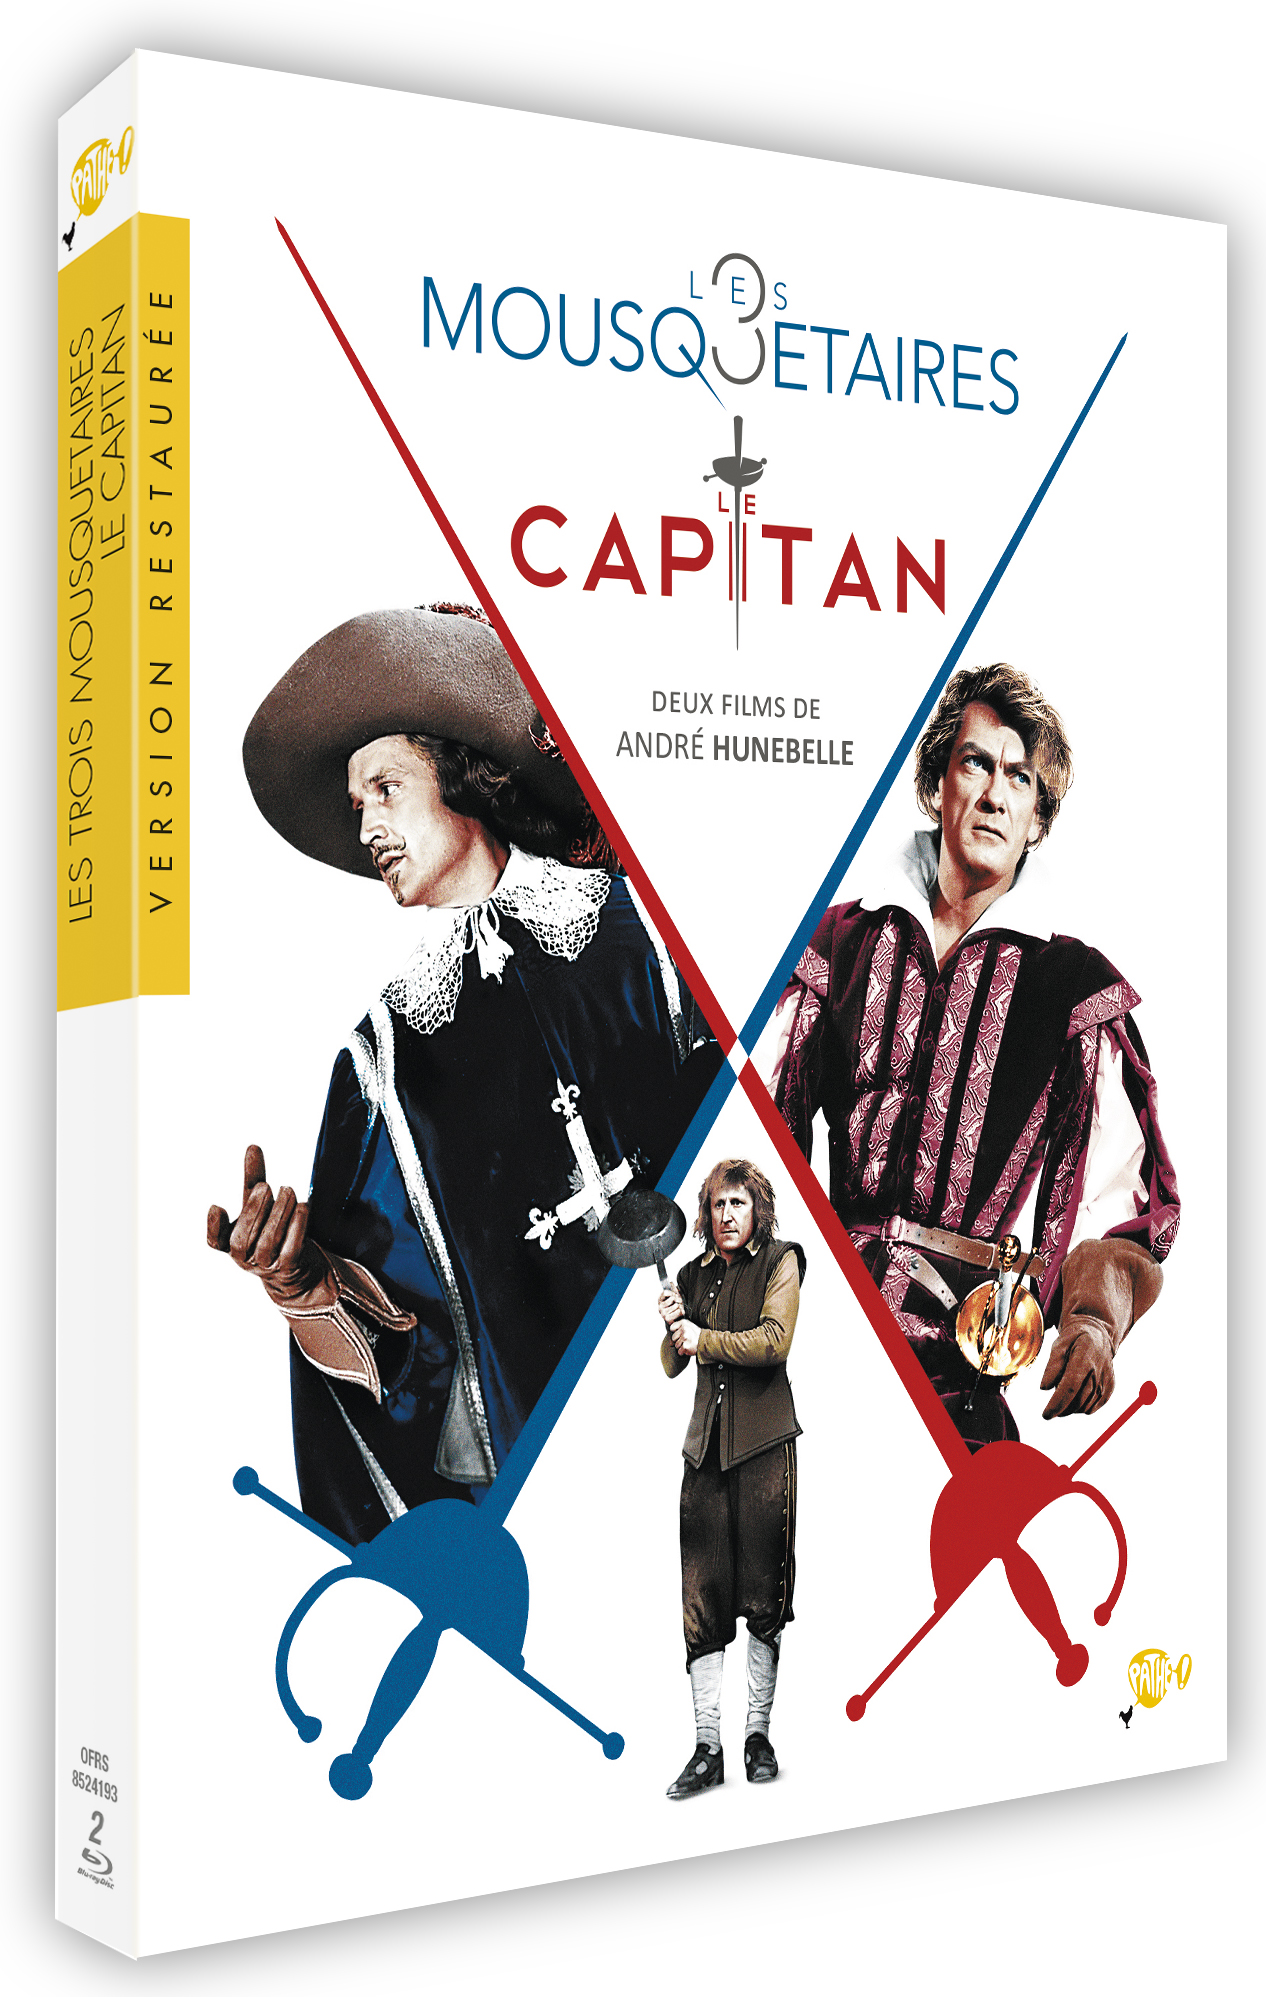 COFFRET ANDRE HUNEBELLE - TROIS MOUSQUETAIRES (LES)/ CAPITAN (LE)